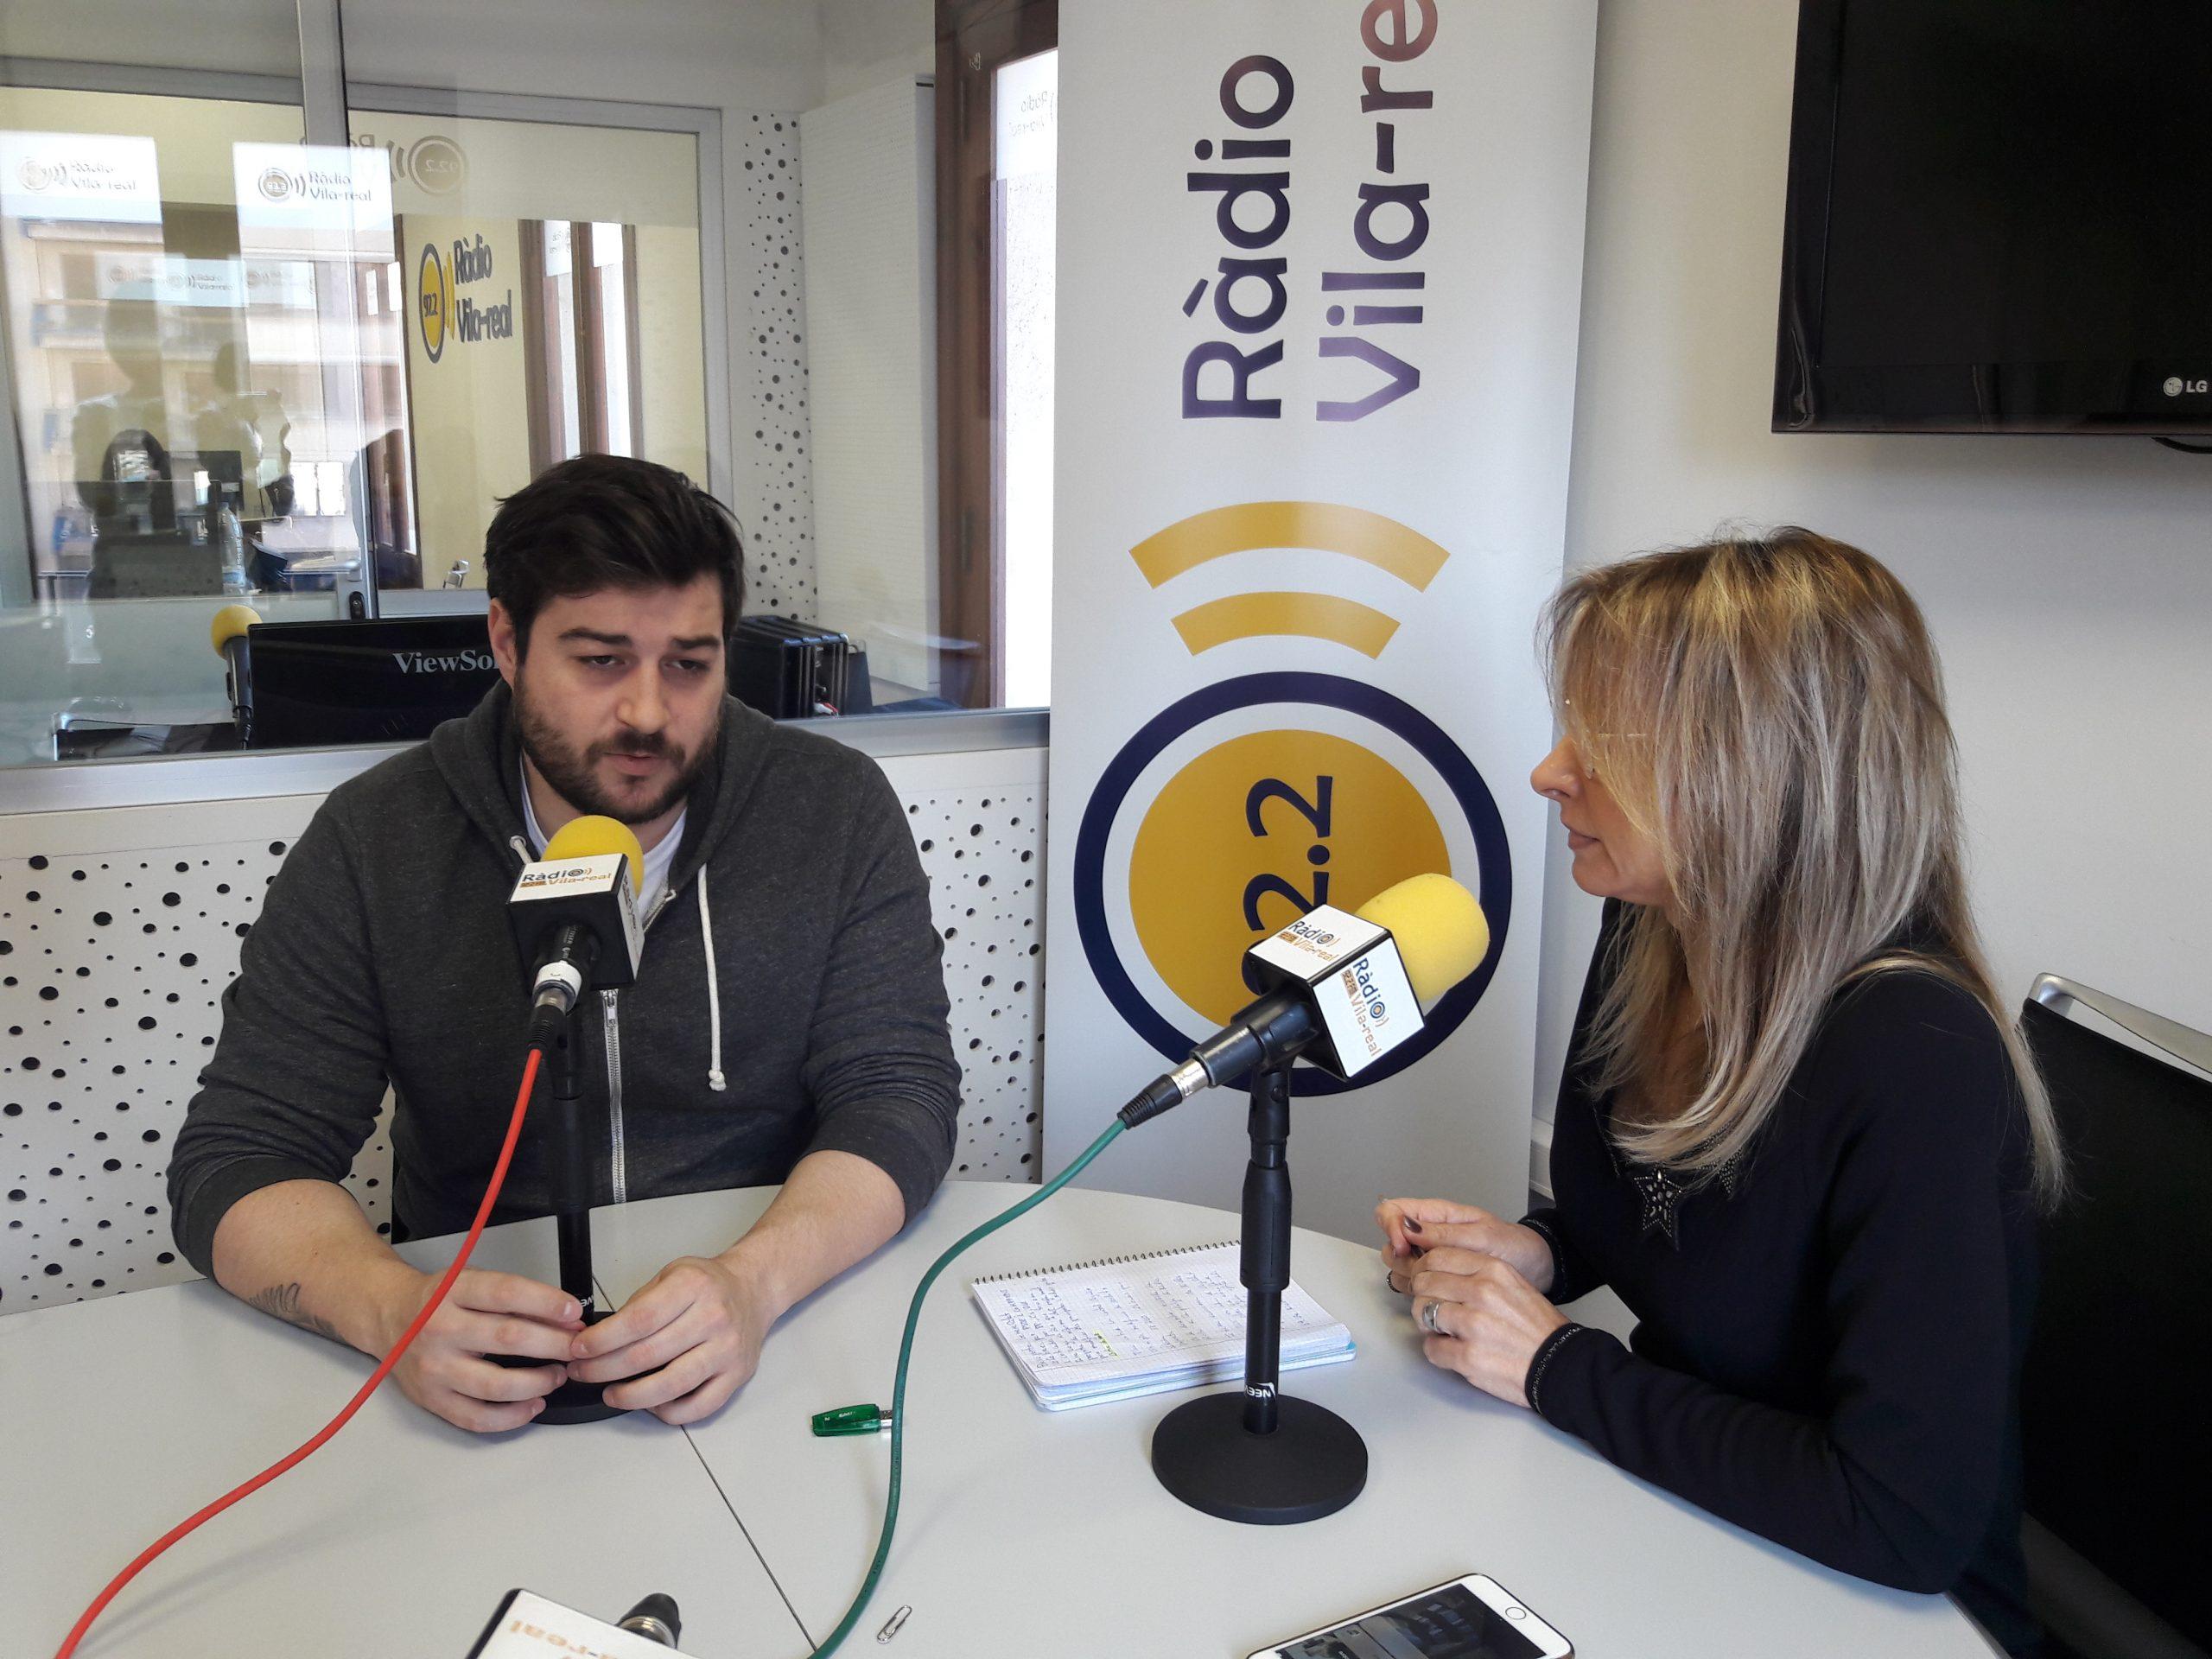 Entrevista al portavoz del PSPV-PSOE en el ayuntamiento de Nules, Adrián Sorribes